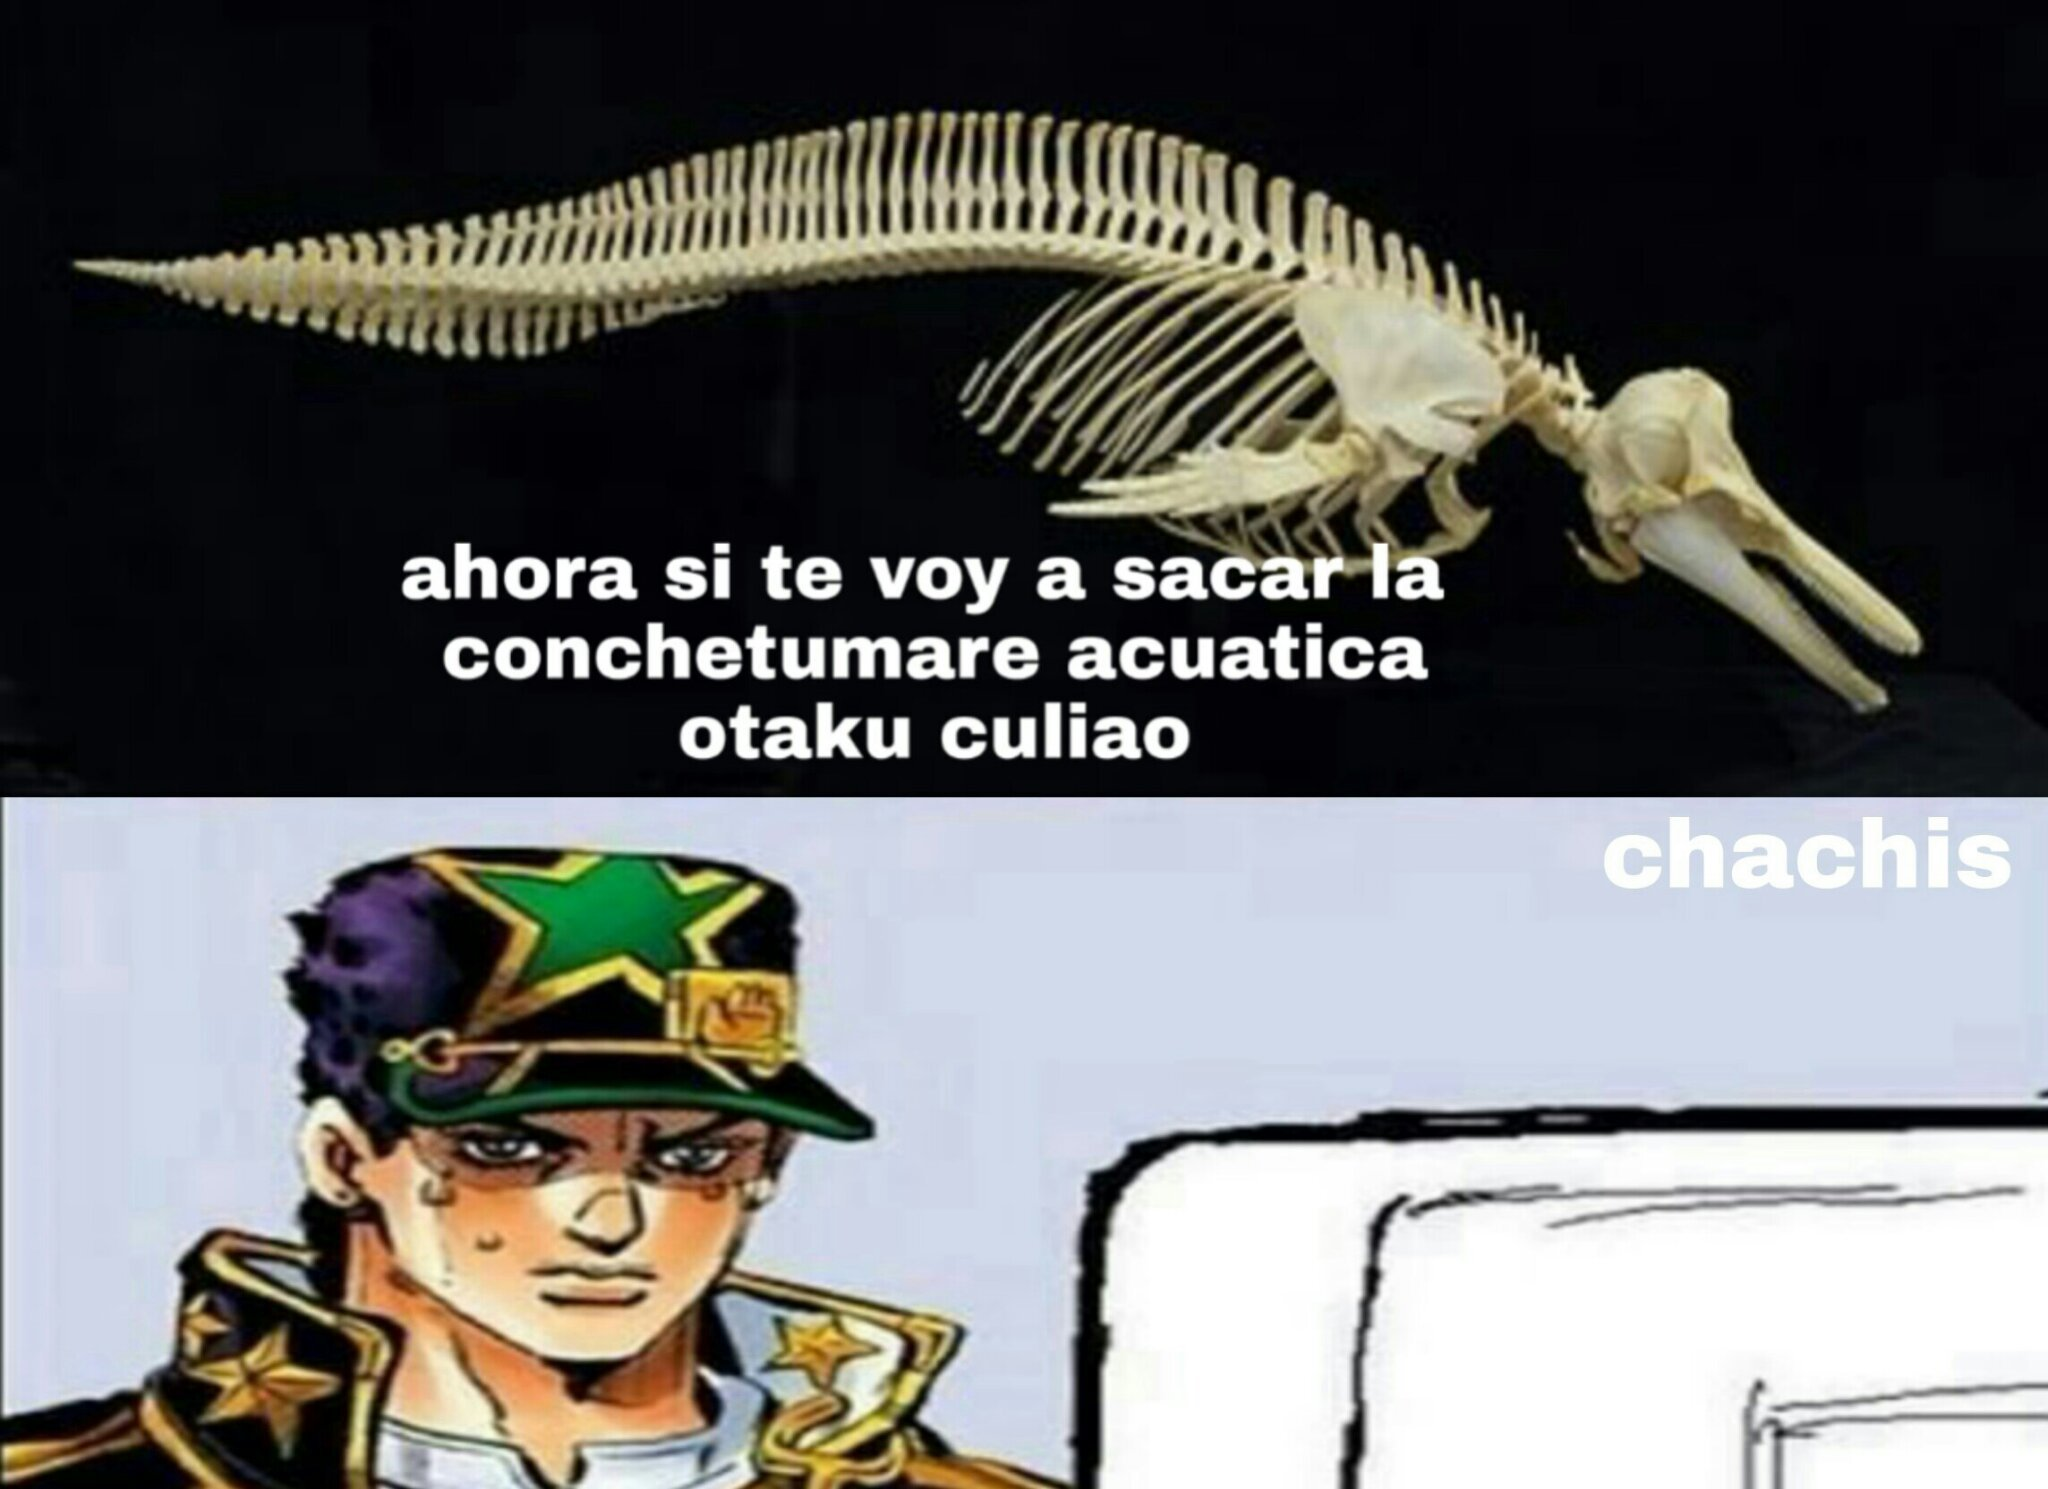 Delfin anti otakus - meme